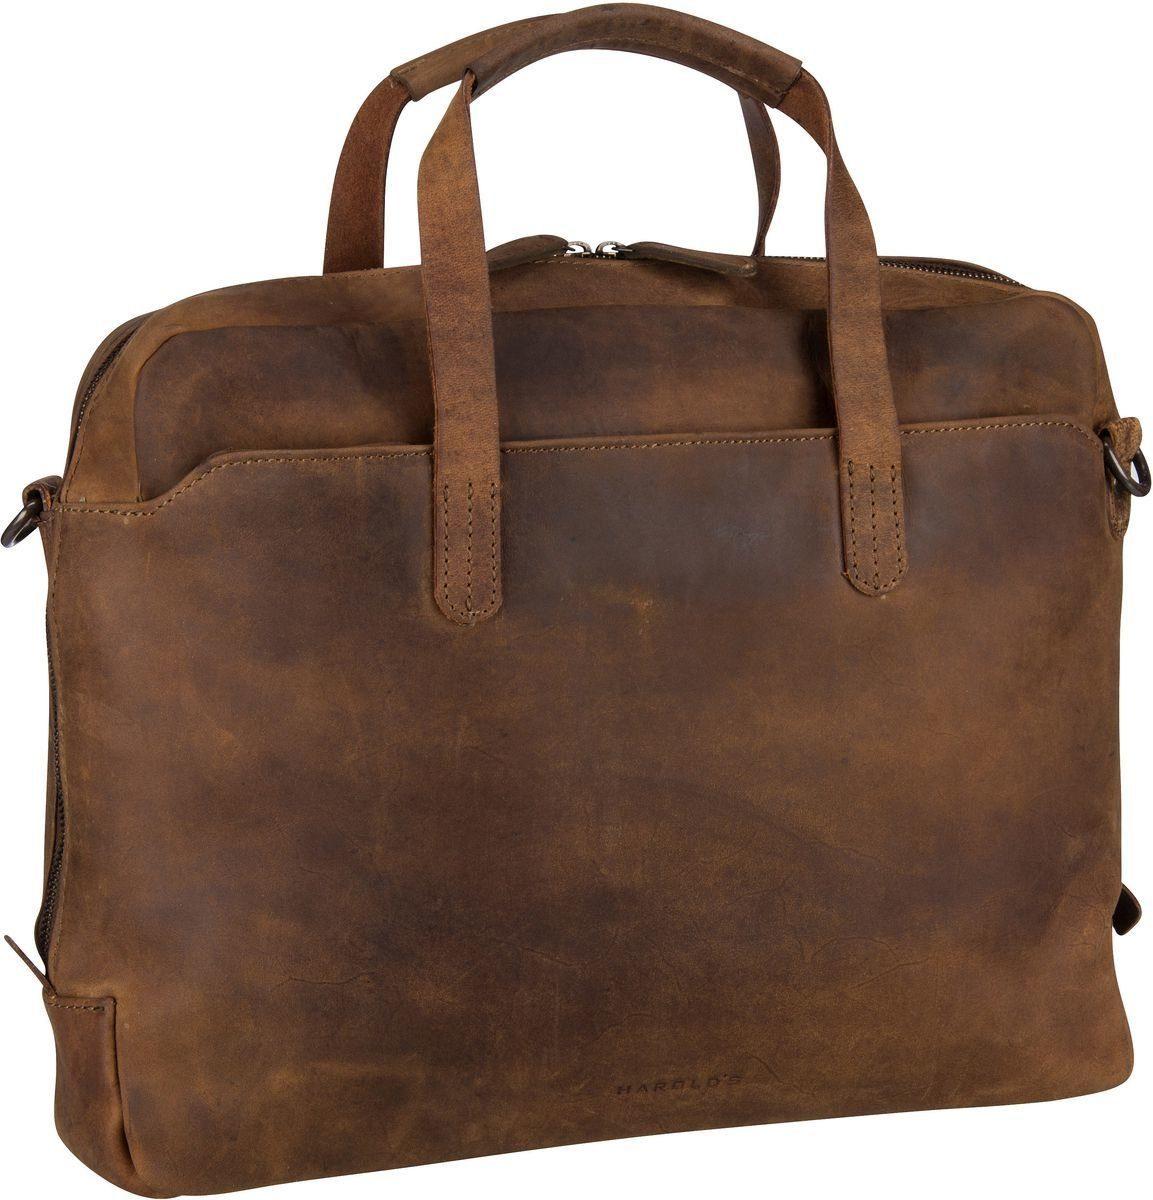 Harold's Aktentasche »Antic 2802 Businesstasche«